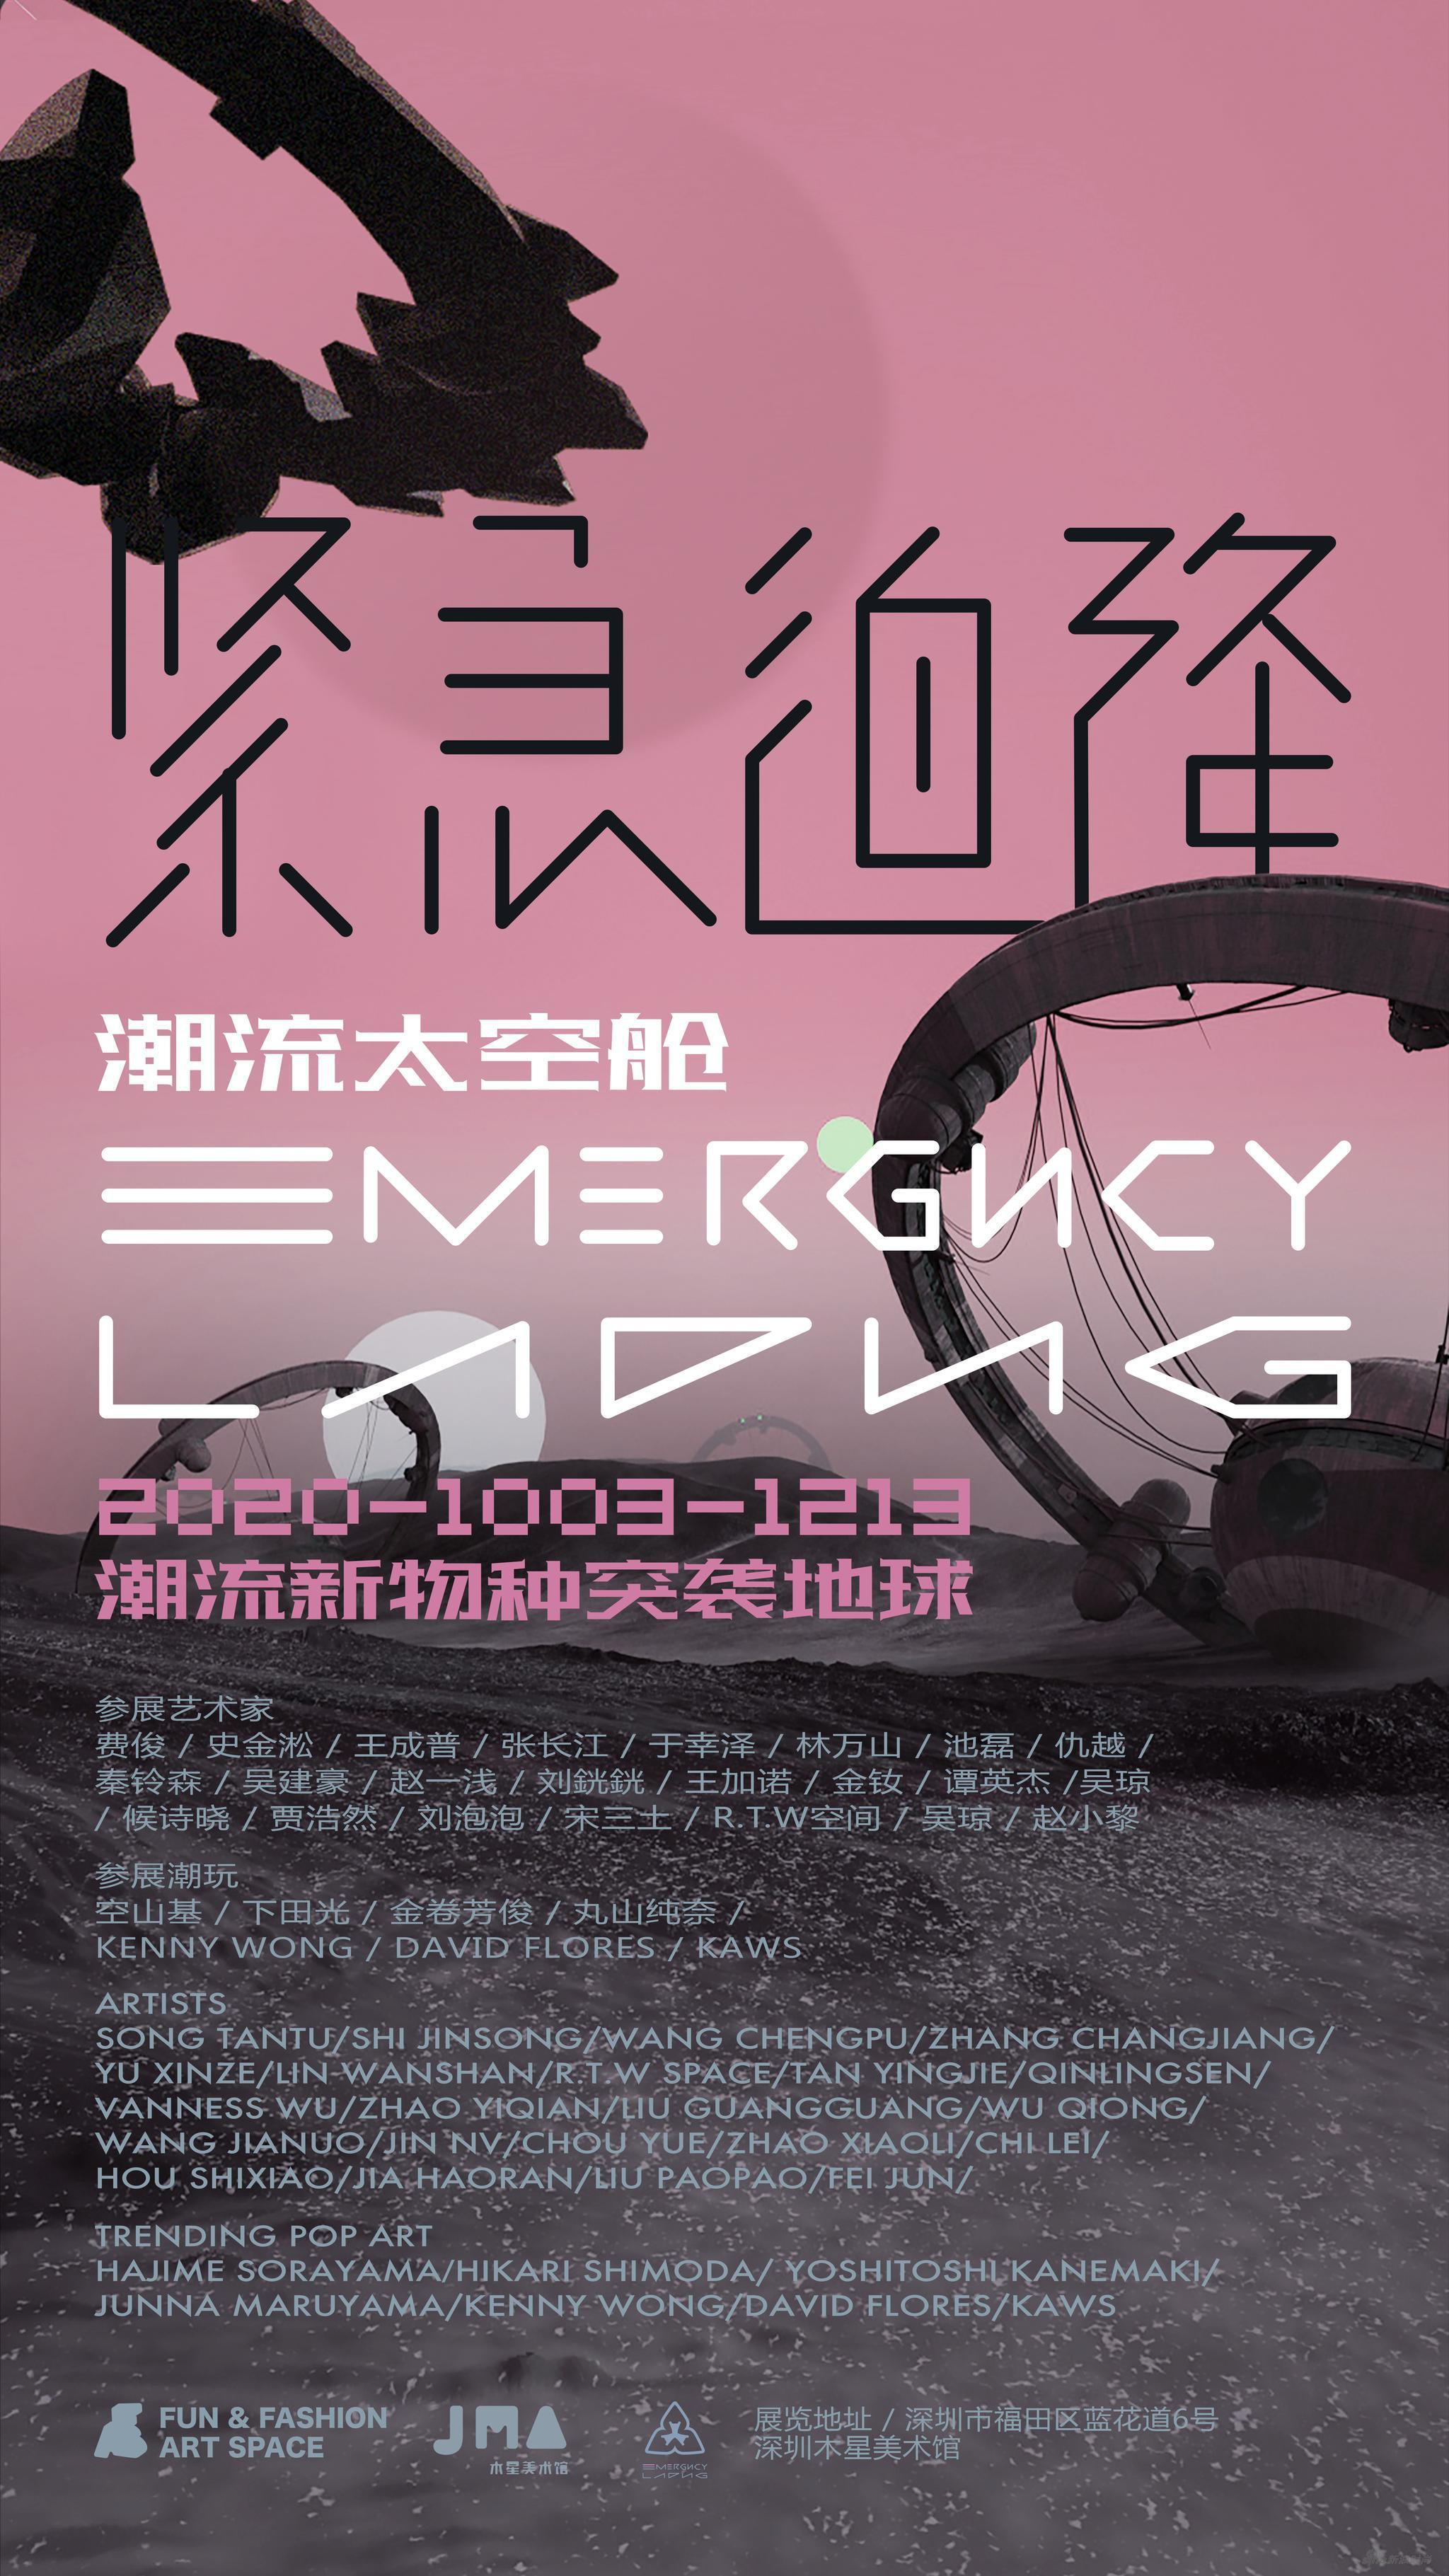 展览推荐|紧急迫降——潮流太空舱艺术大展